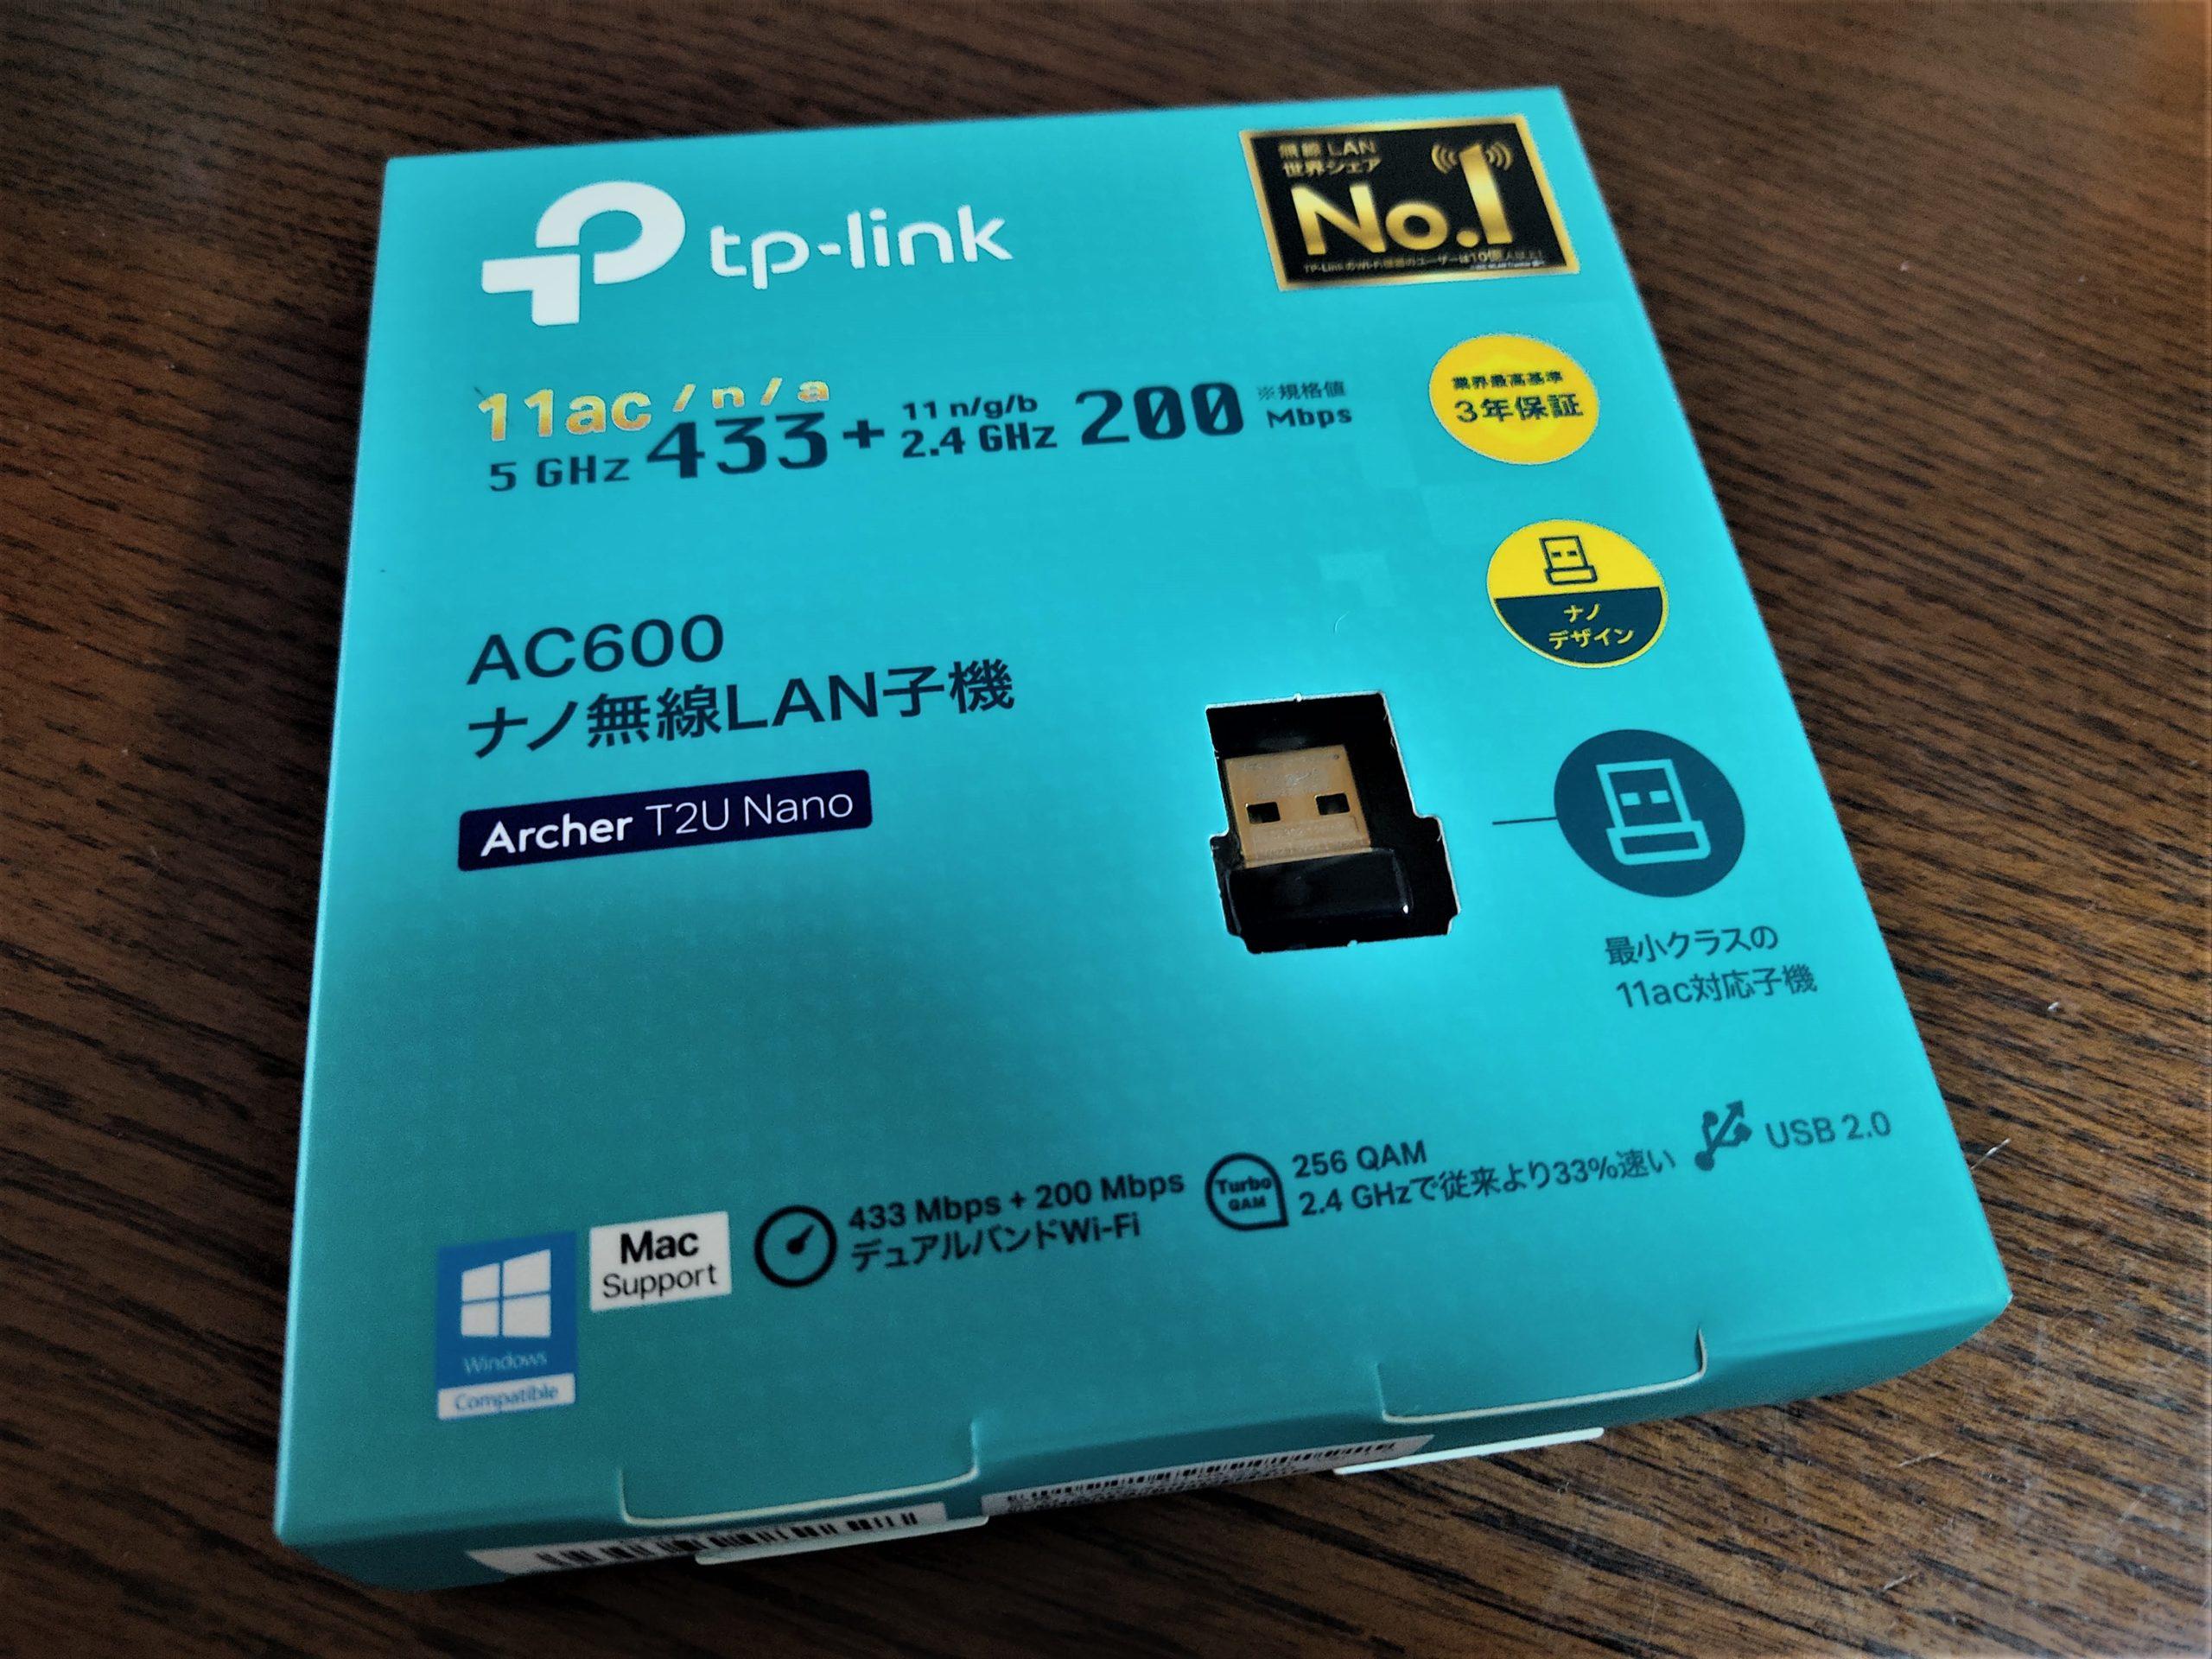 「Archer T2U Nano」のパッケージ